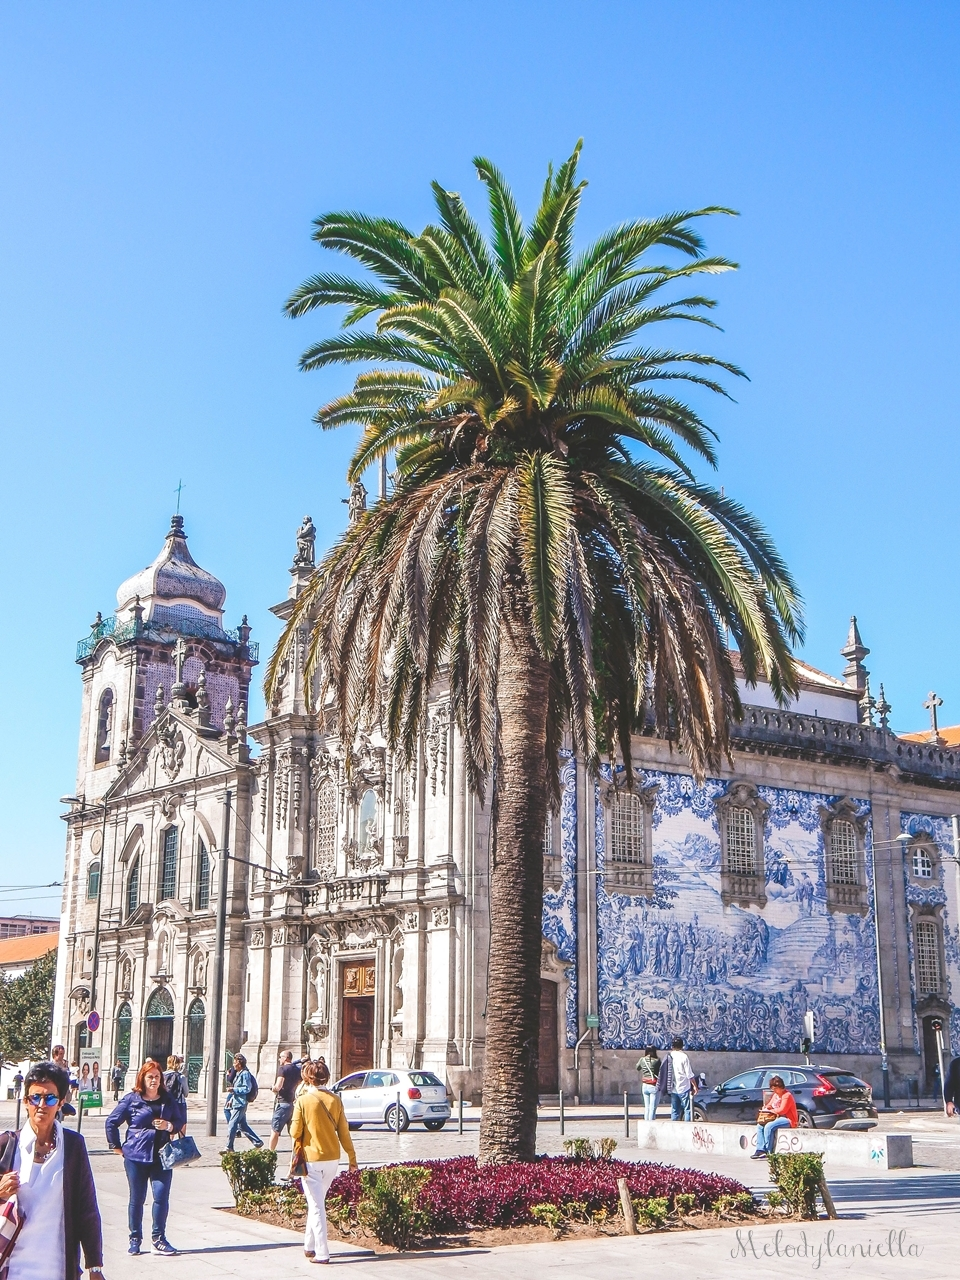 1b Igreja do Carmo-2  co zobaczyć w Porto w portugalii ciekawe miejsca musisz zobaczyć top miejsc w porto zabytki piękne uliczki miejsca godne zobaczenia blog podróżniczy portugalia melodylaniella